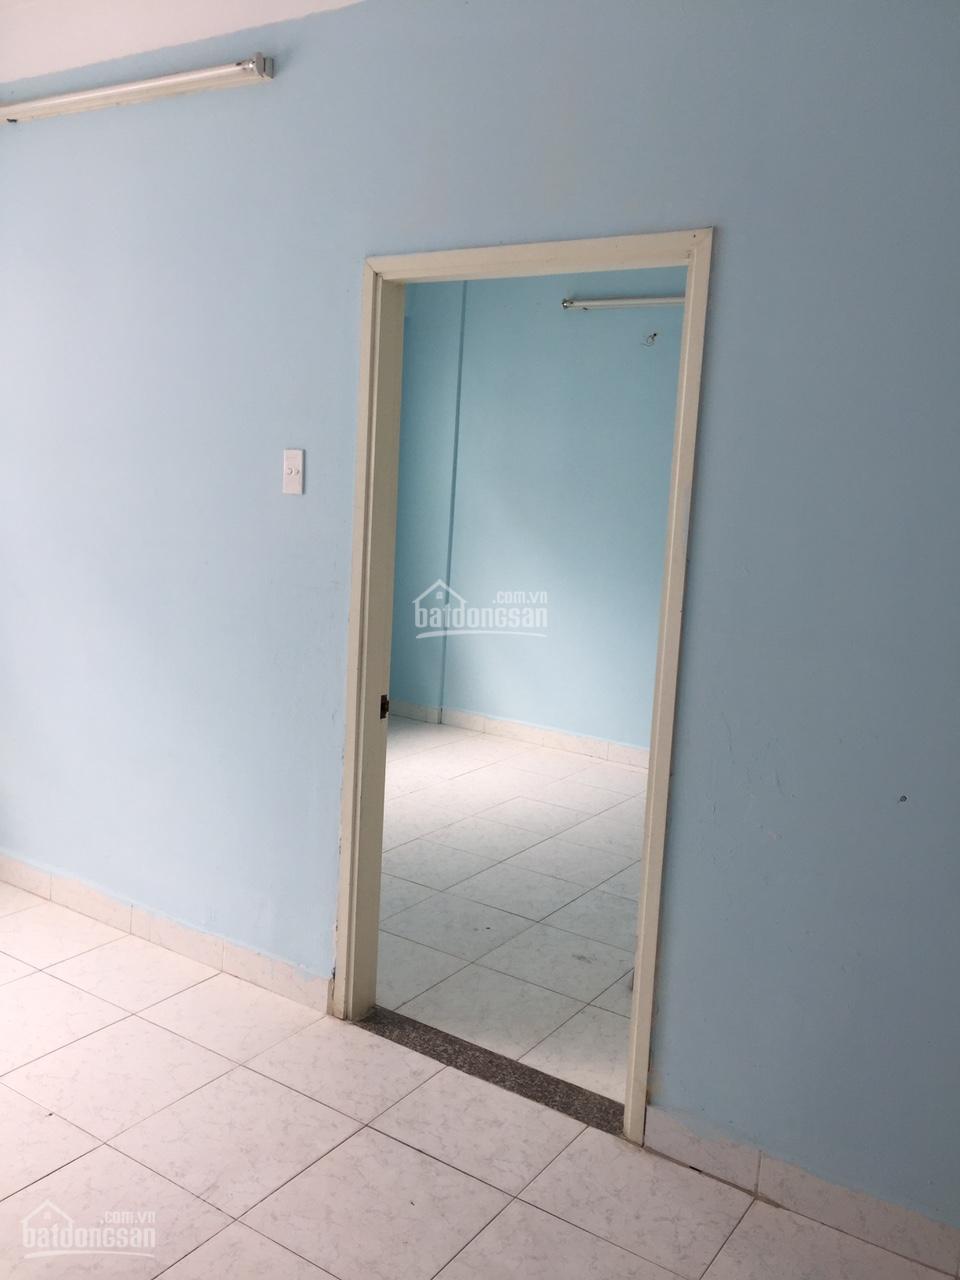 5 triệu/tháng. Cần cho thuê căn hộ chung cư Thái An 3, 4 nhà trống 1PN, nhận nhà ở ngay